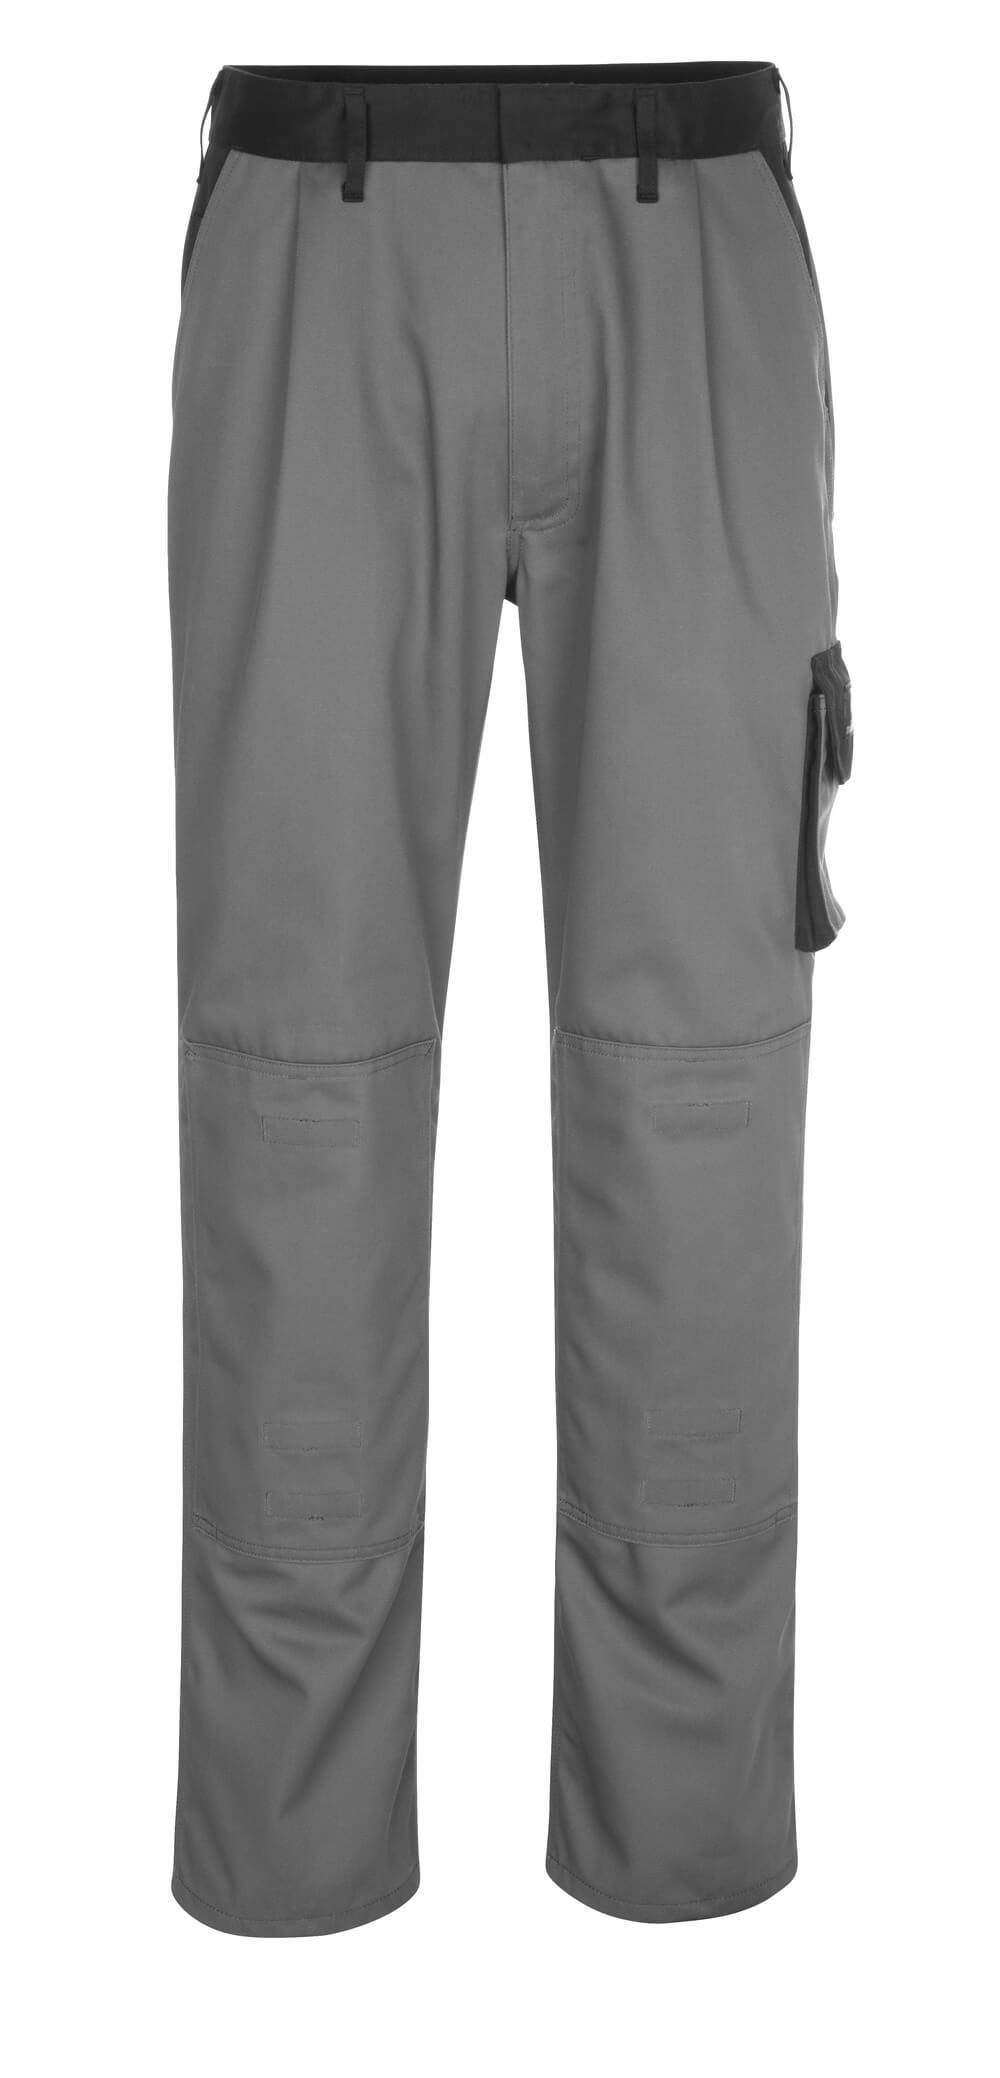 14179-442-8889 Spodnie z kieszeniami na kolanach - antracyt/czerń